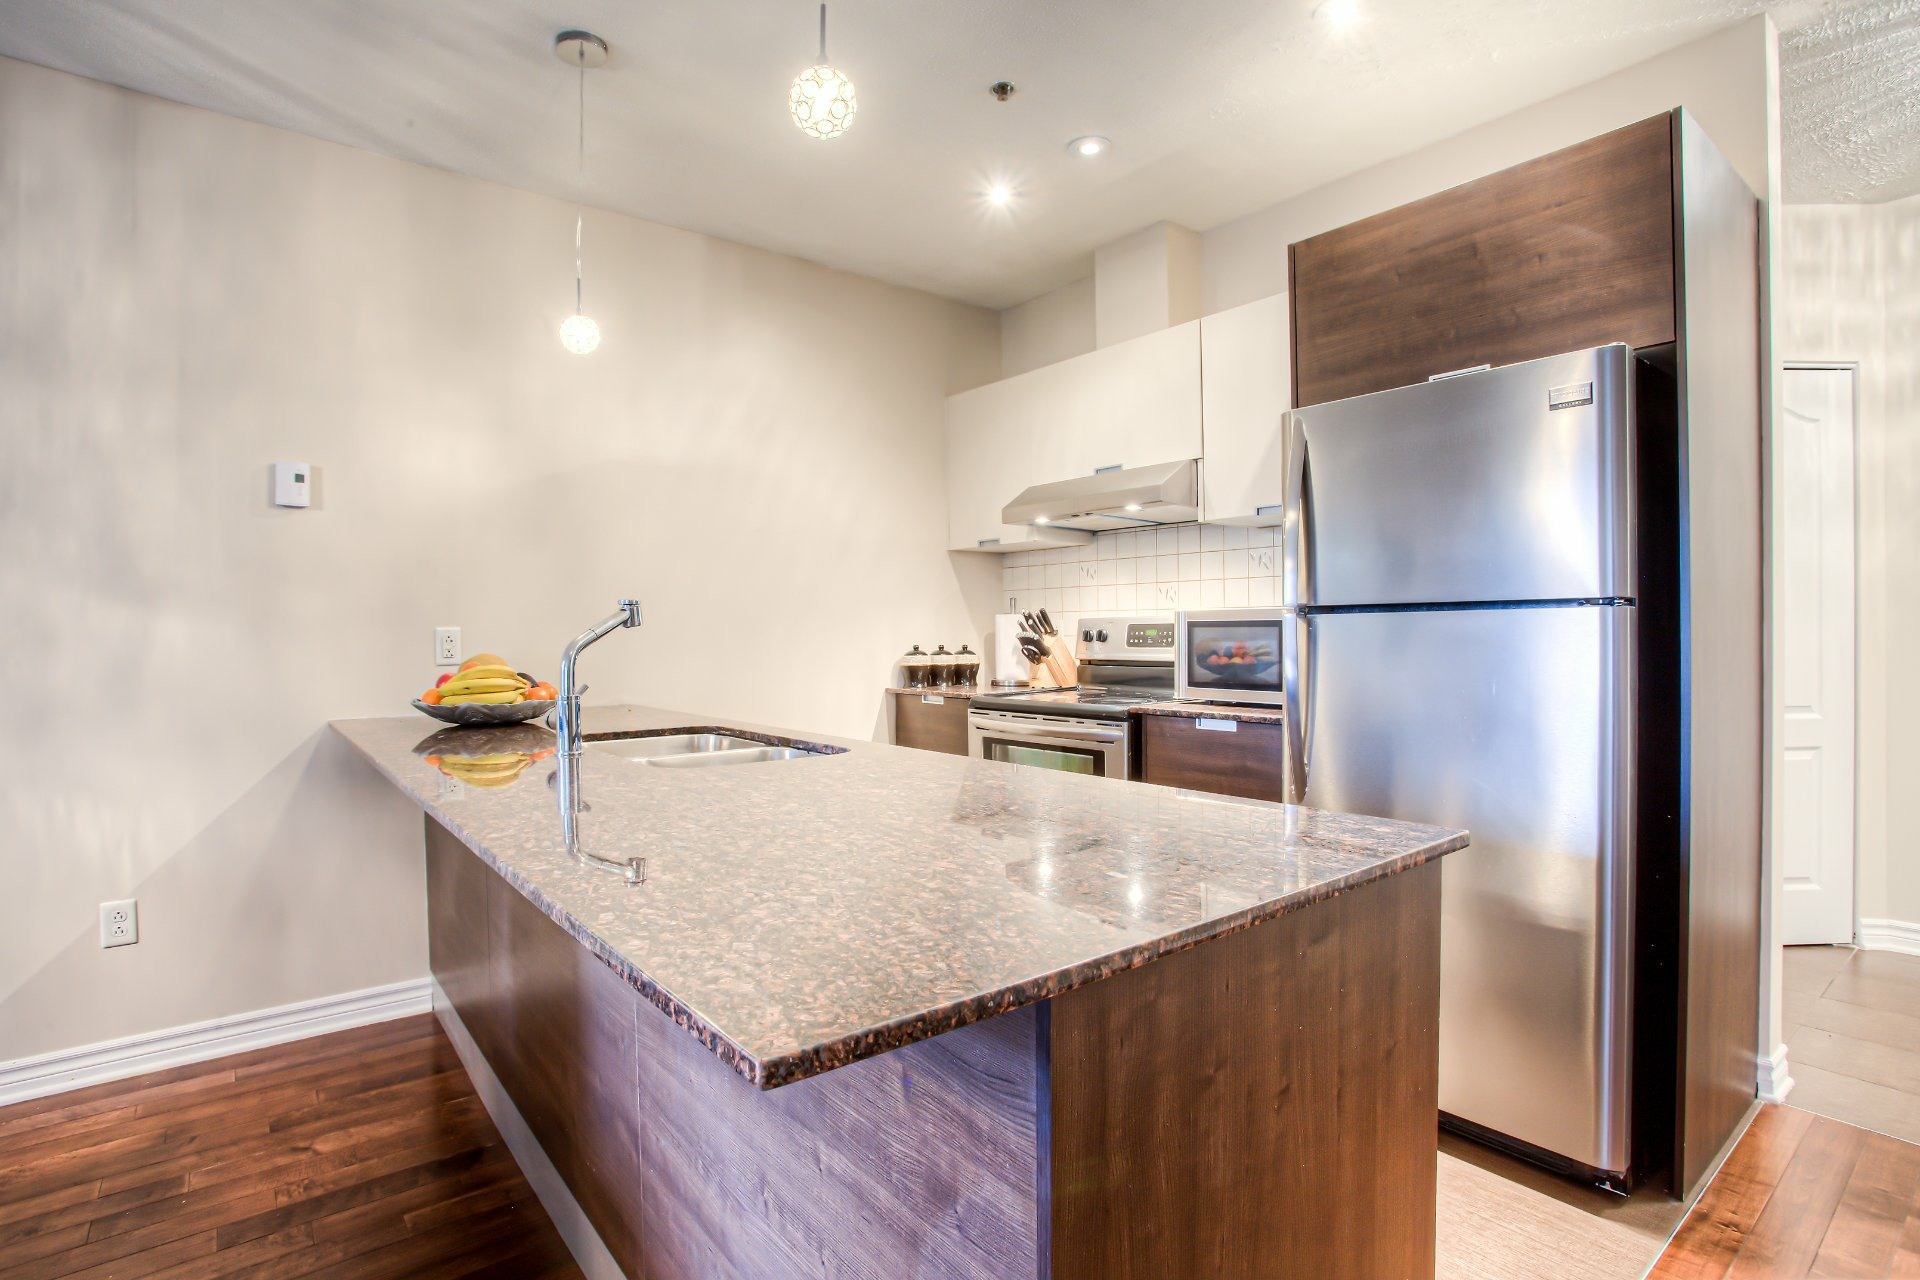 image 4 - Apartment For sale Saint-Laurent Montréal  - 9 rooms